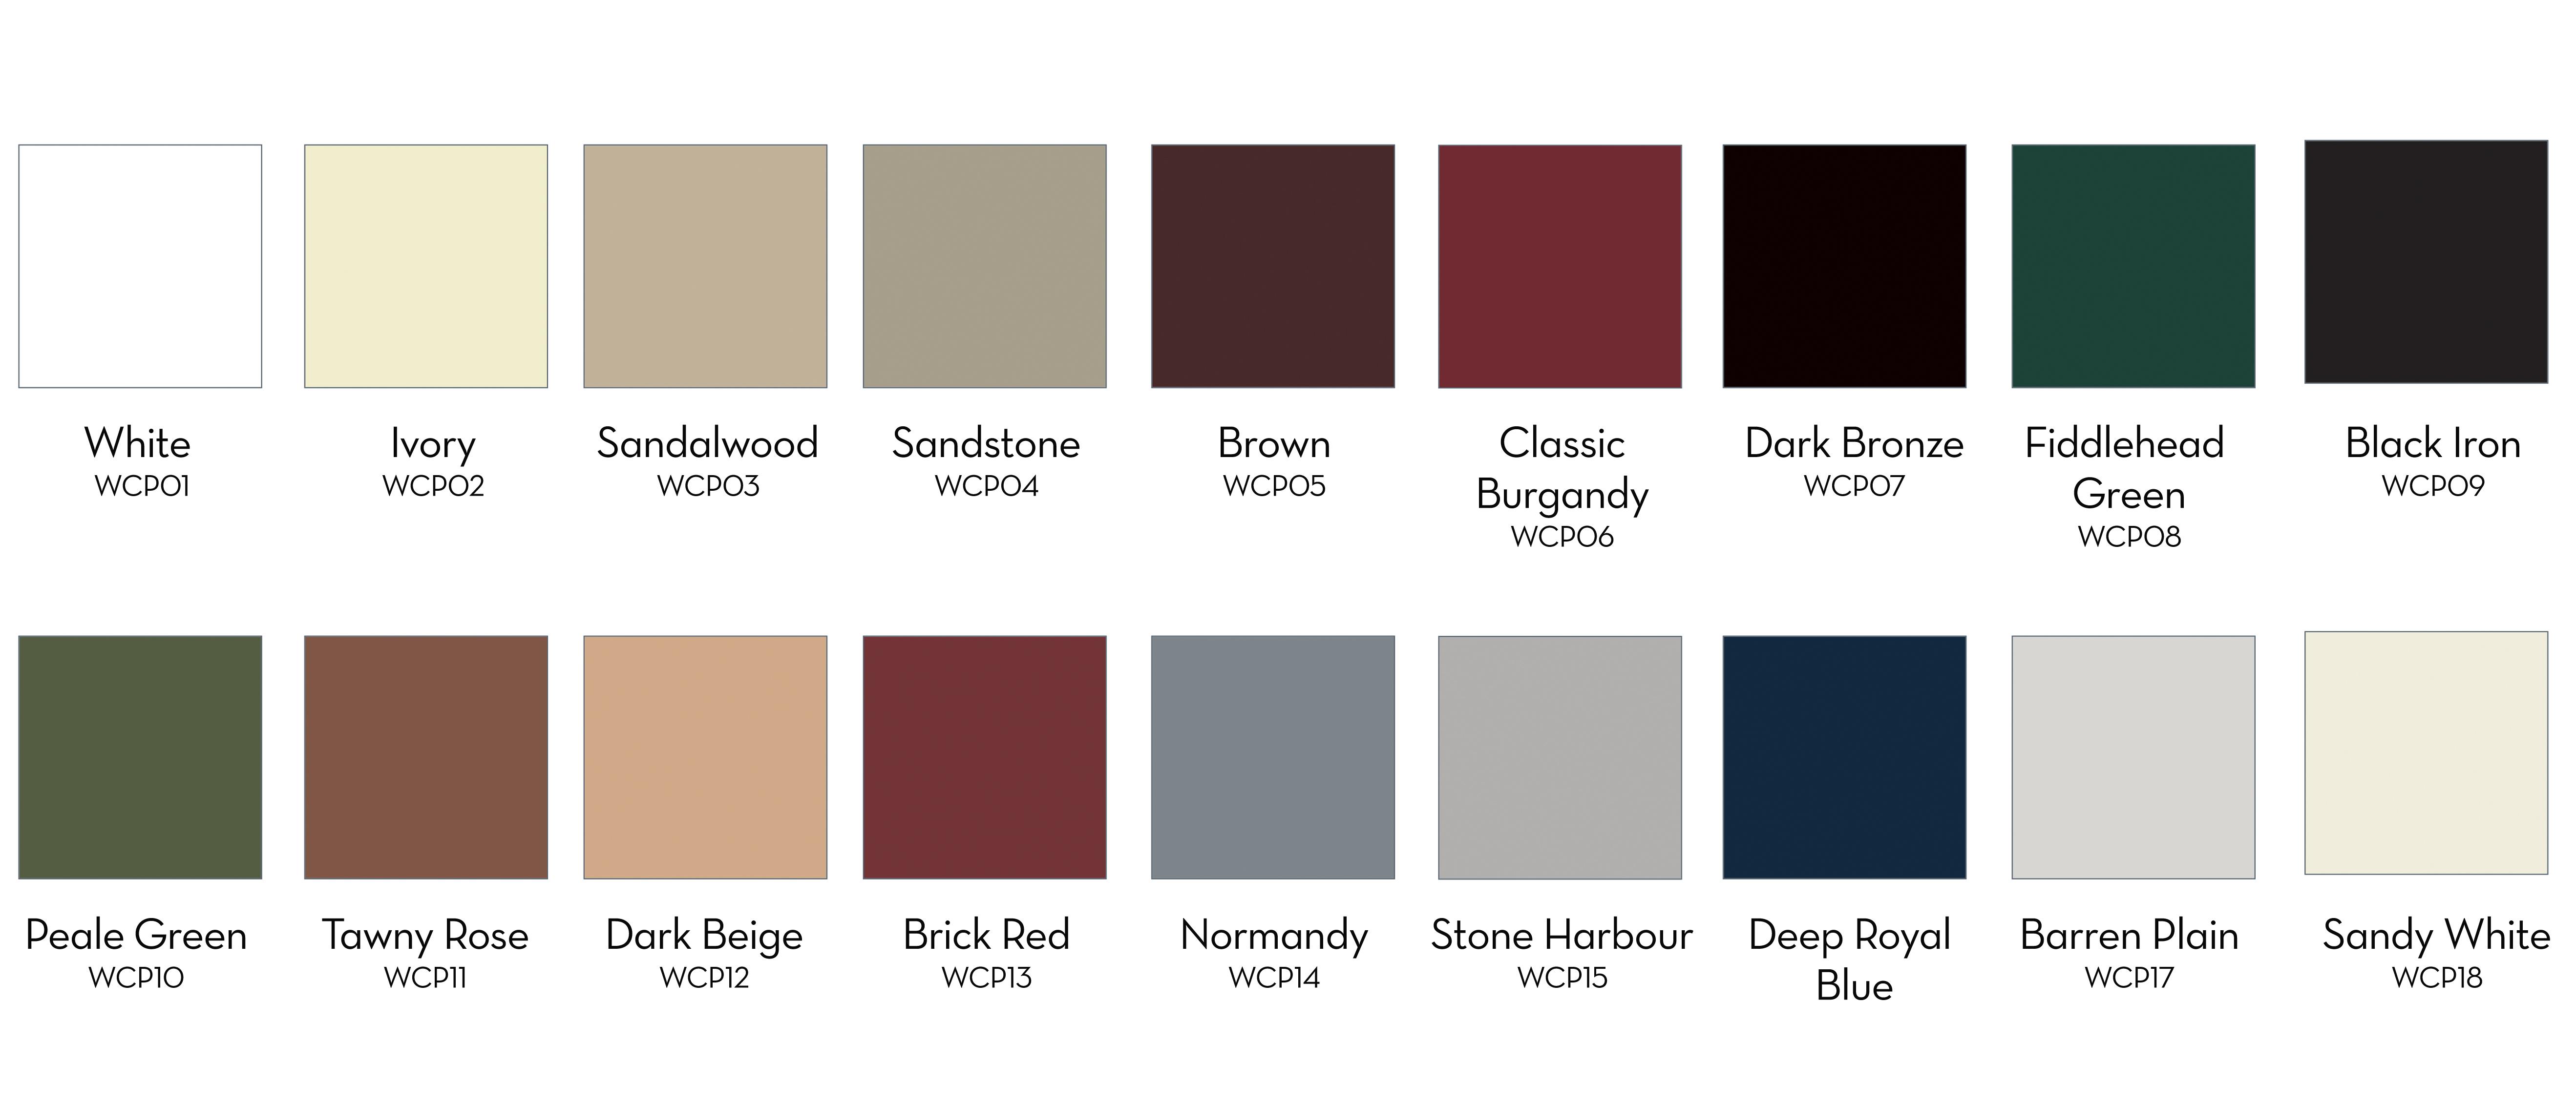 Products_hc101_color_paintoptions